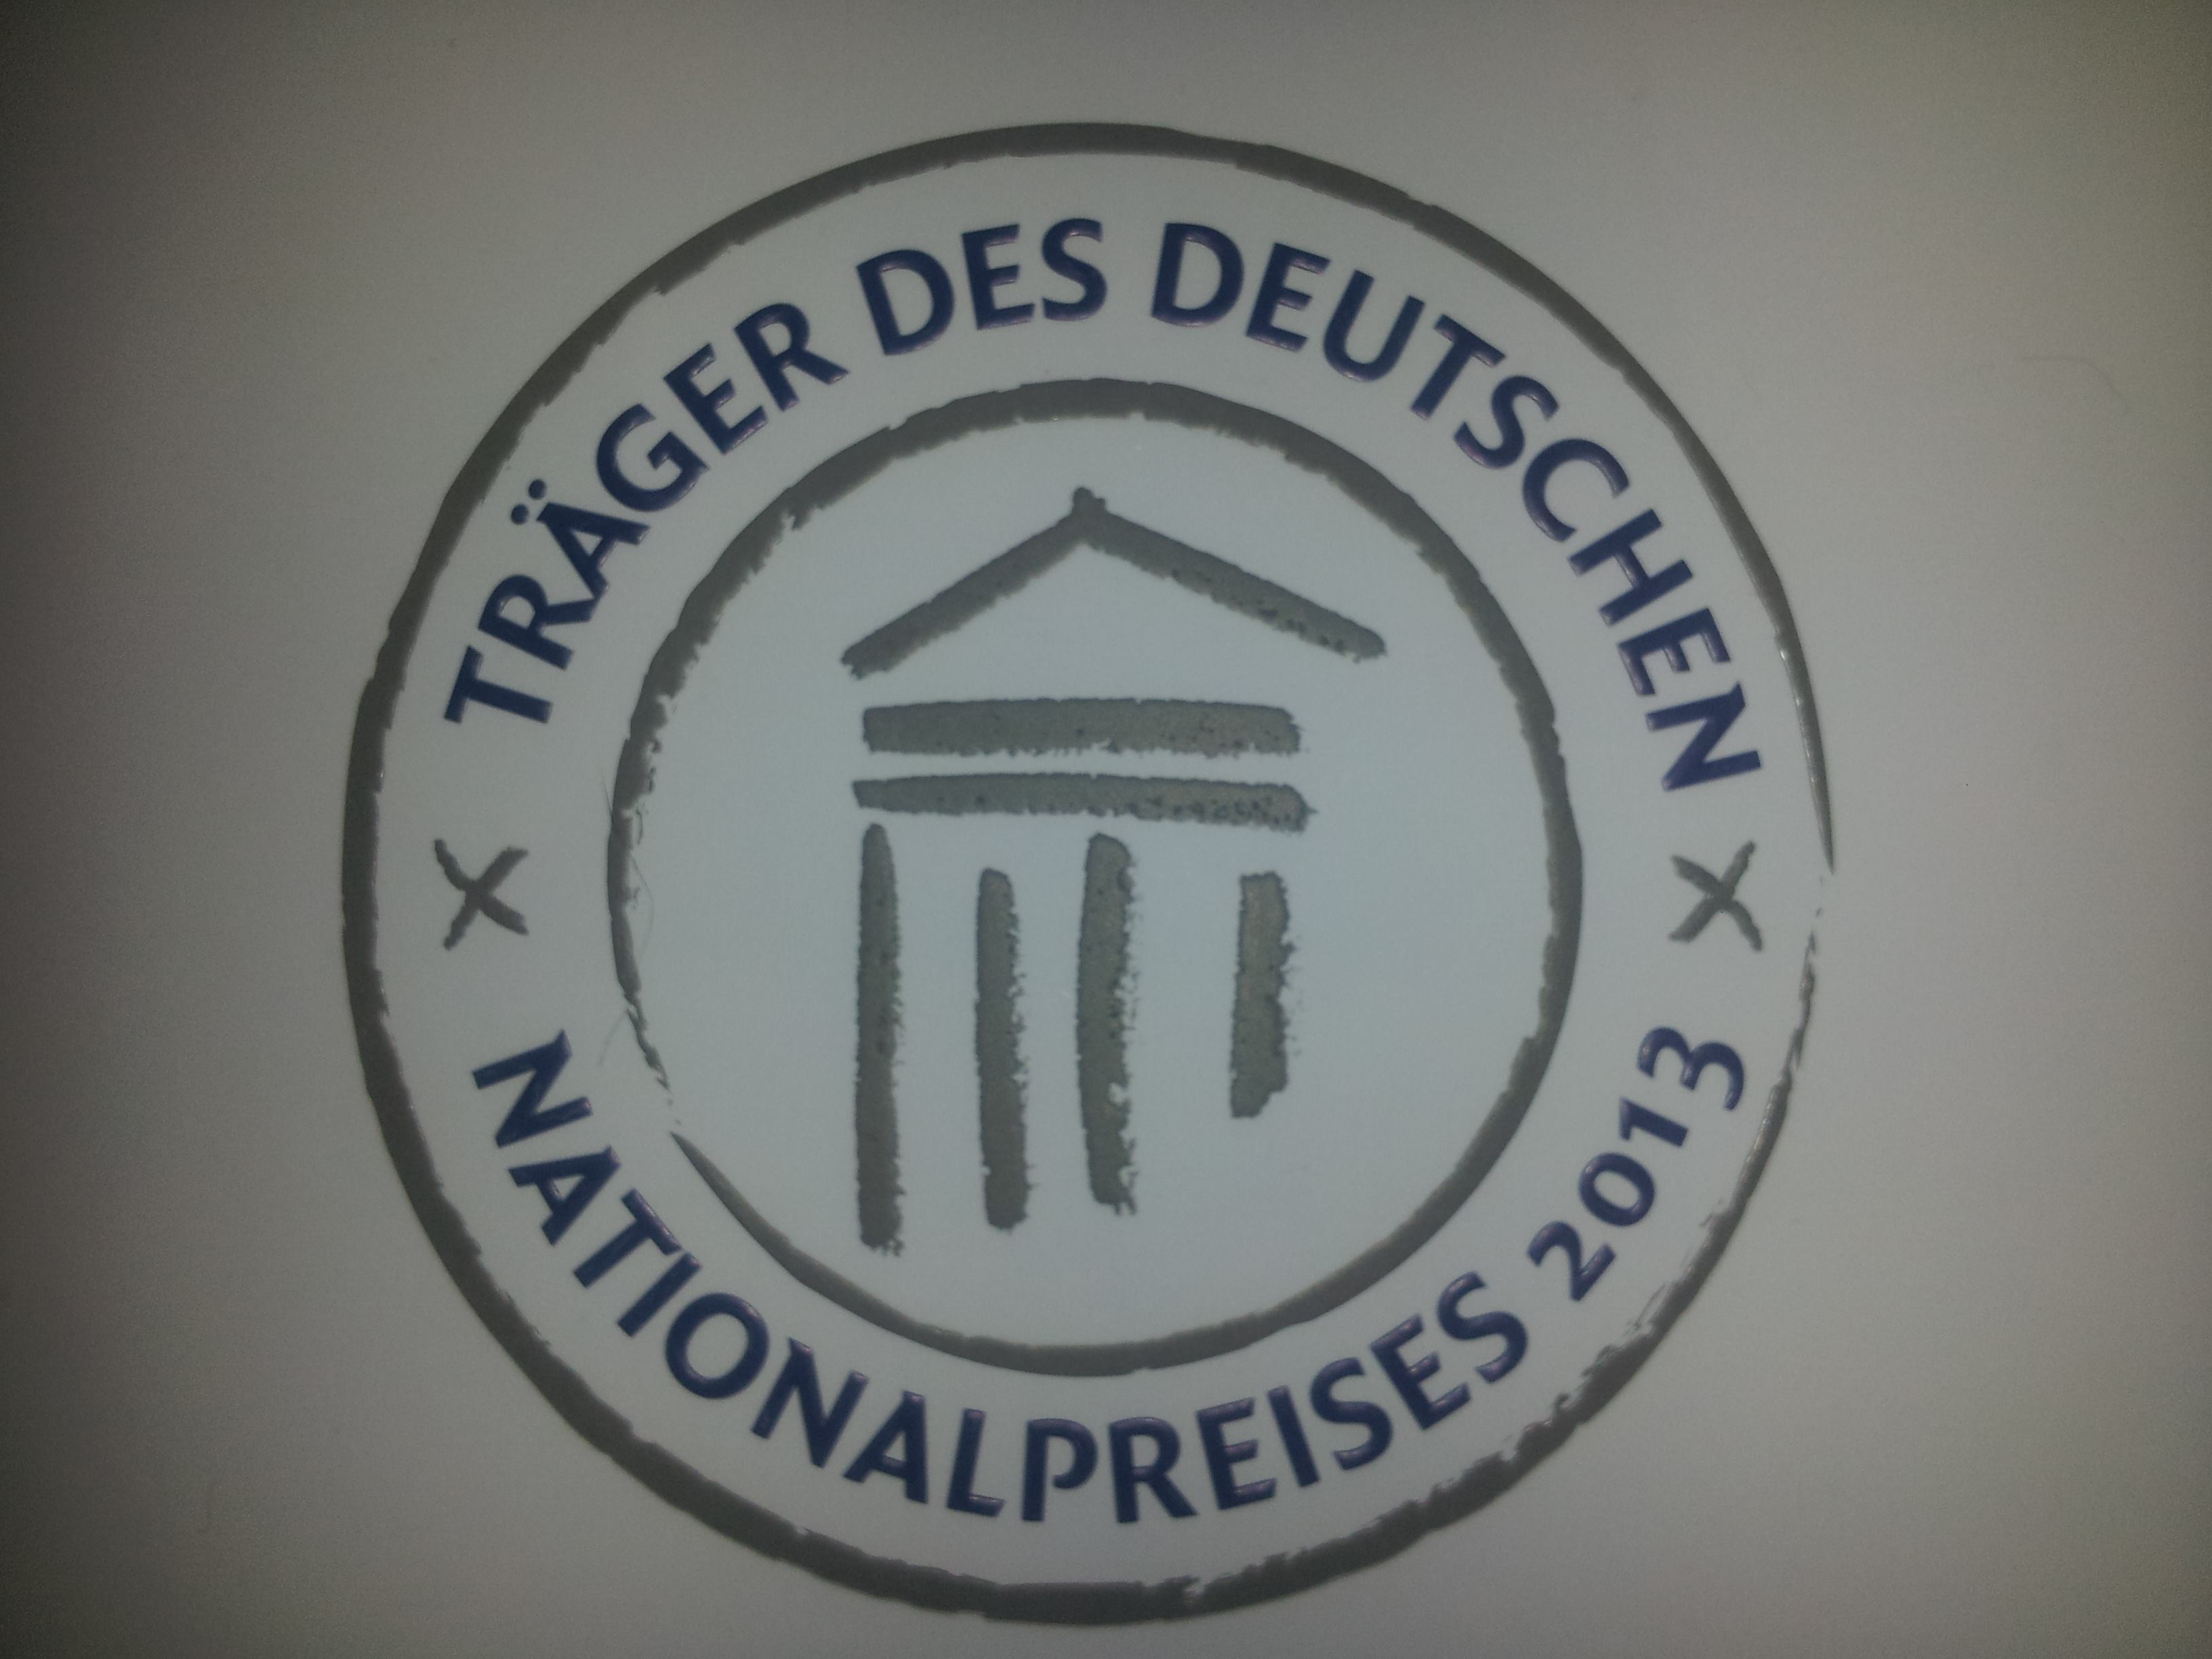 Träger des deutschen Nationalpreises 2013